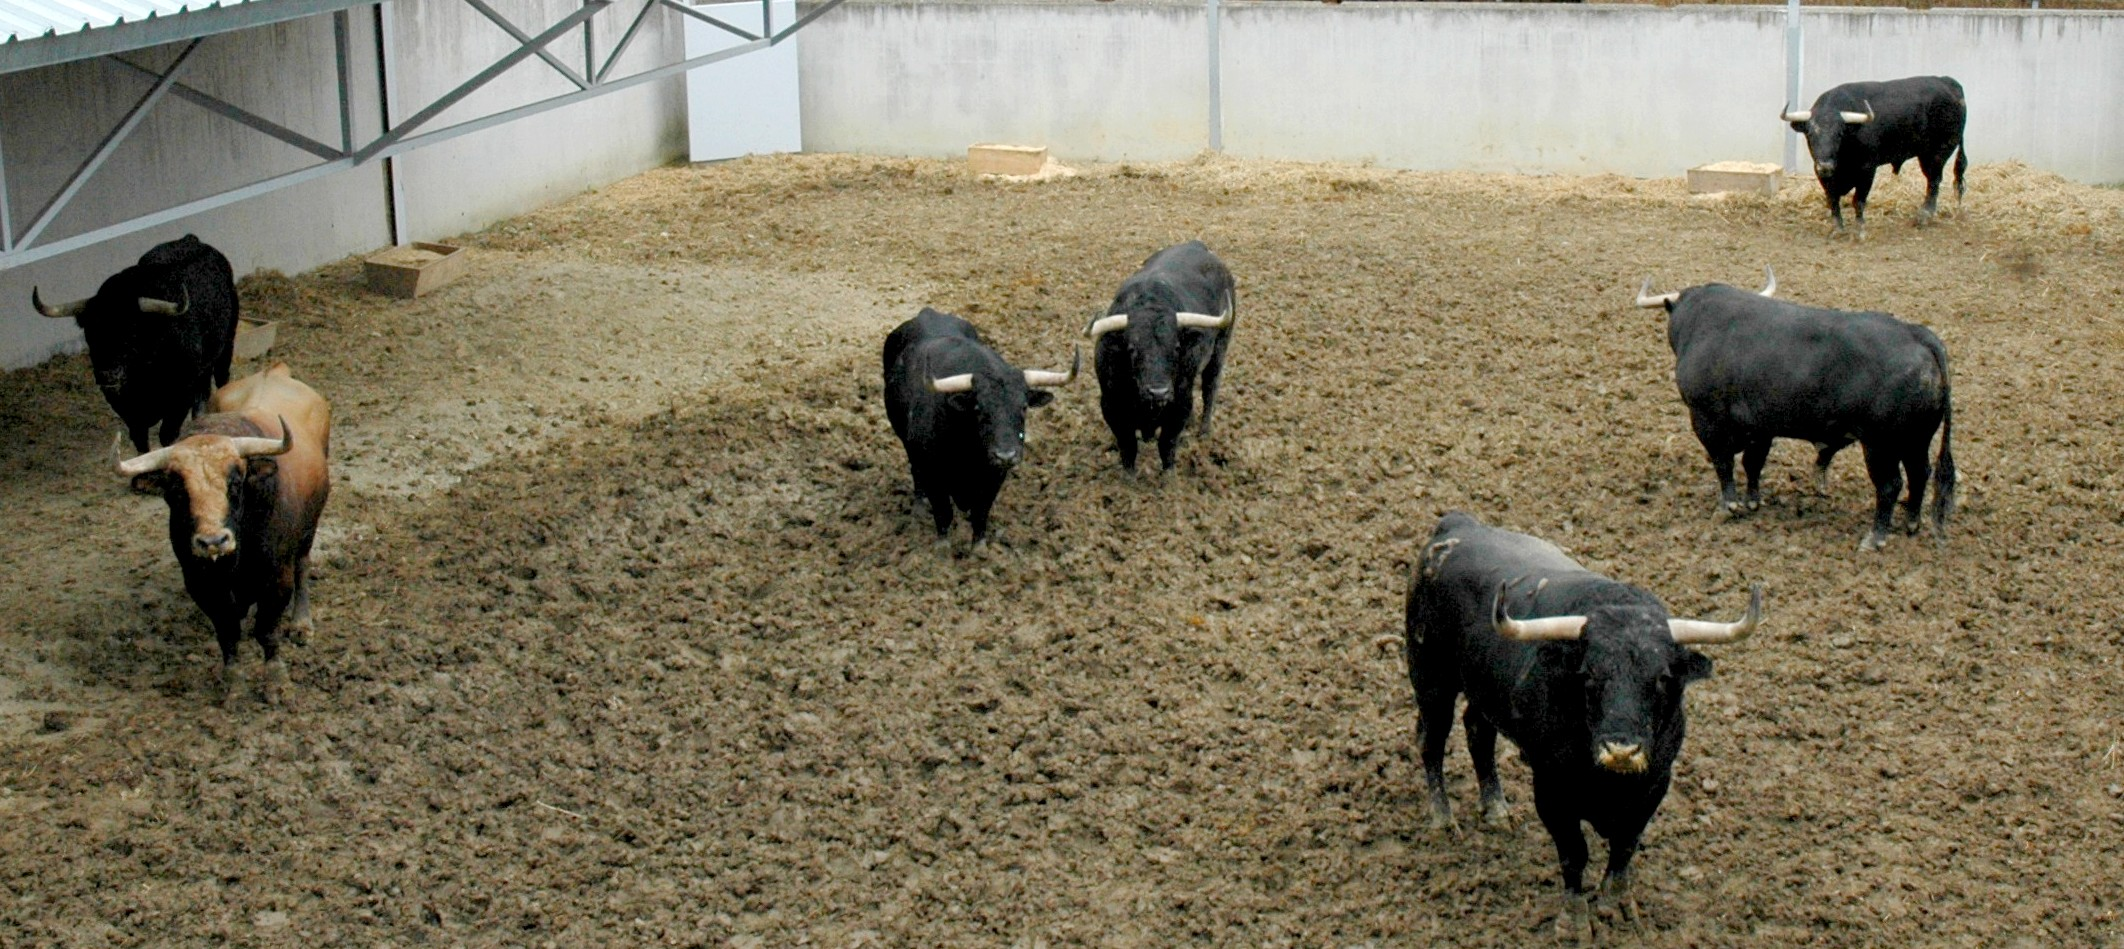 Toros del Puerto de San Lorenzo sobre el barro de los Corrales del Gas. Seis toros negros y uno castaño claro.